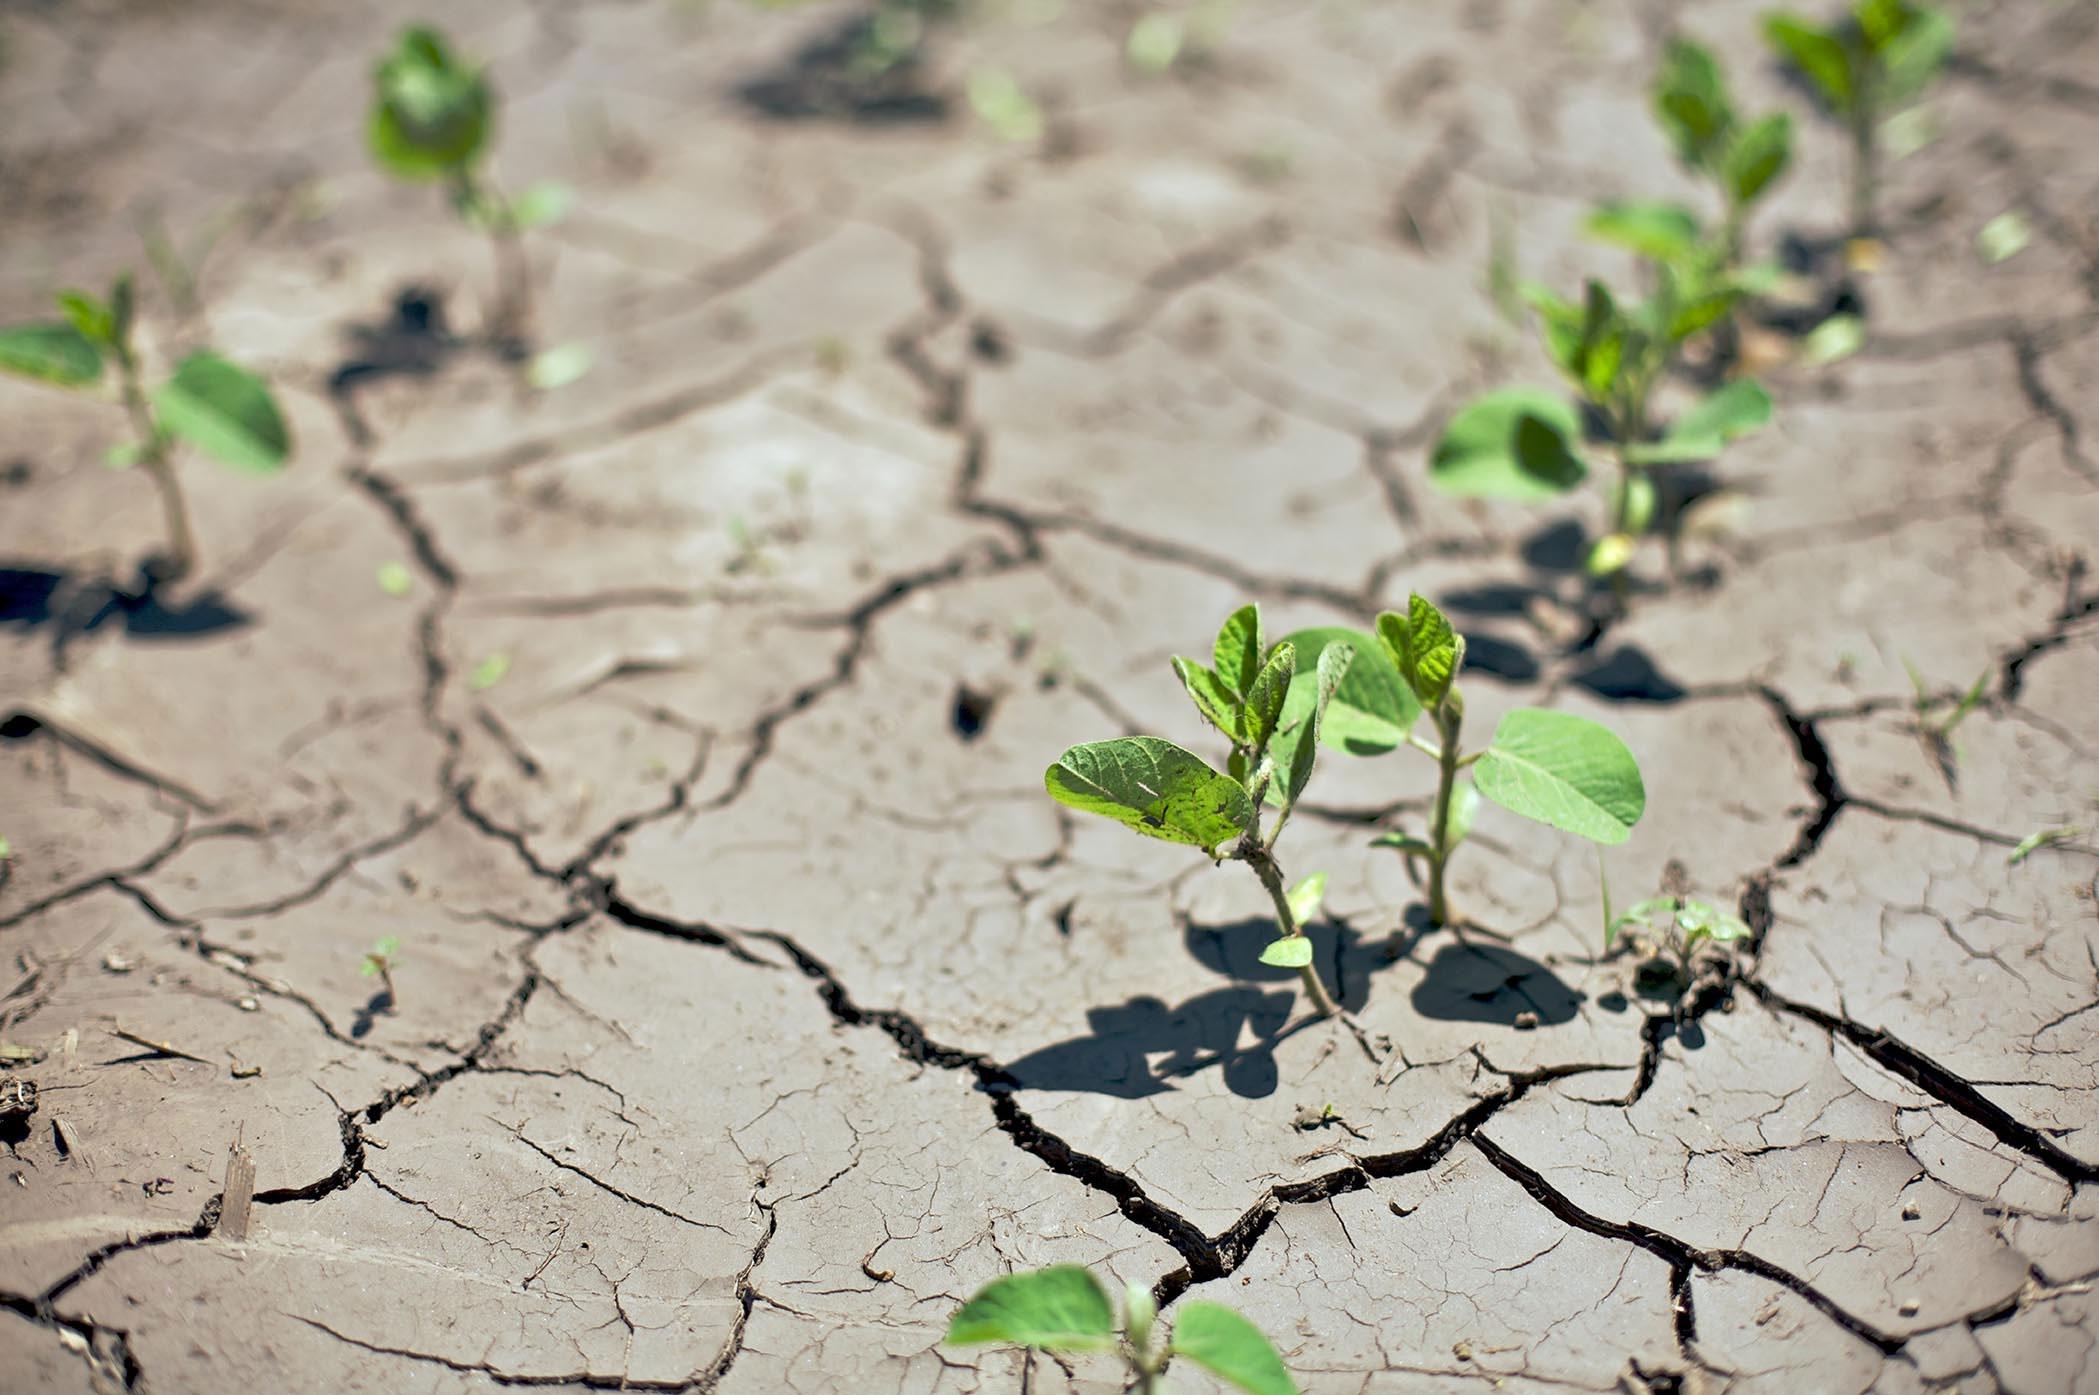 Проблема опустынивания земель на территории рф: какие регионы и почему наиболее подвержены этой проблеме